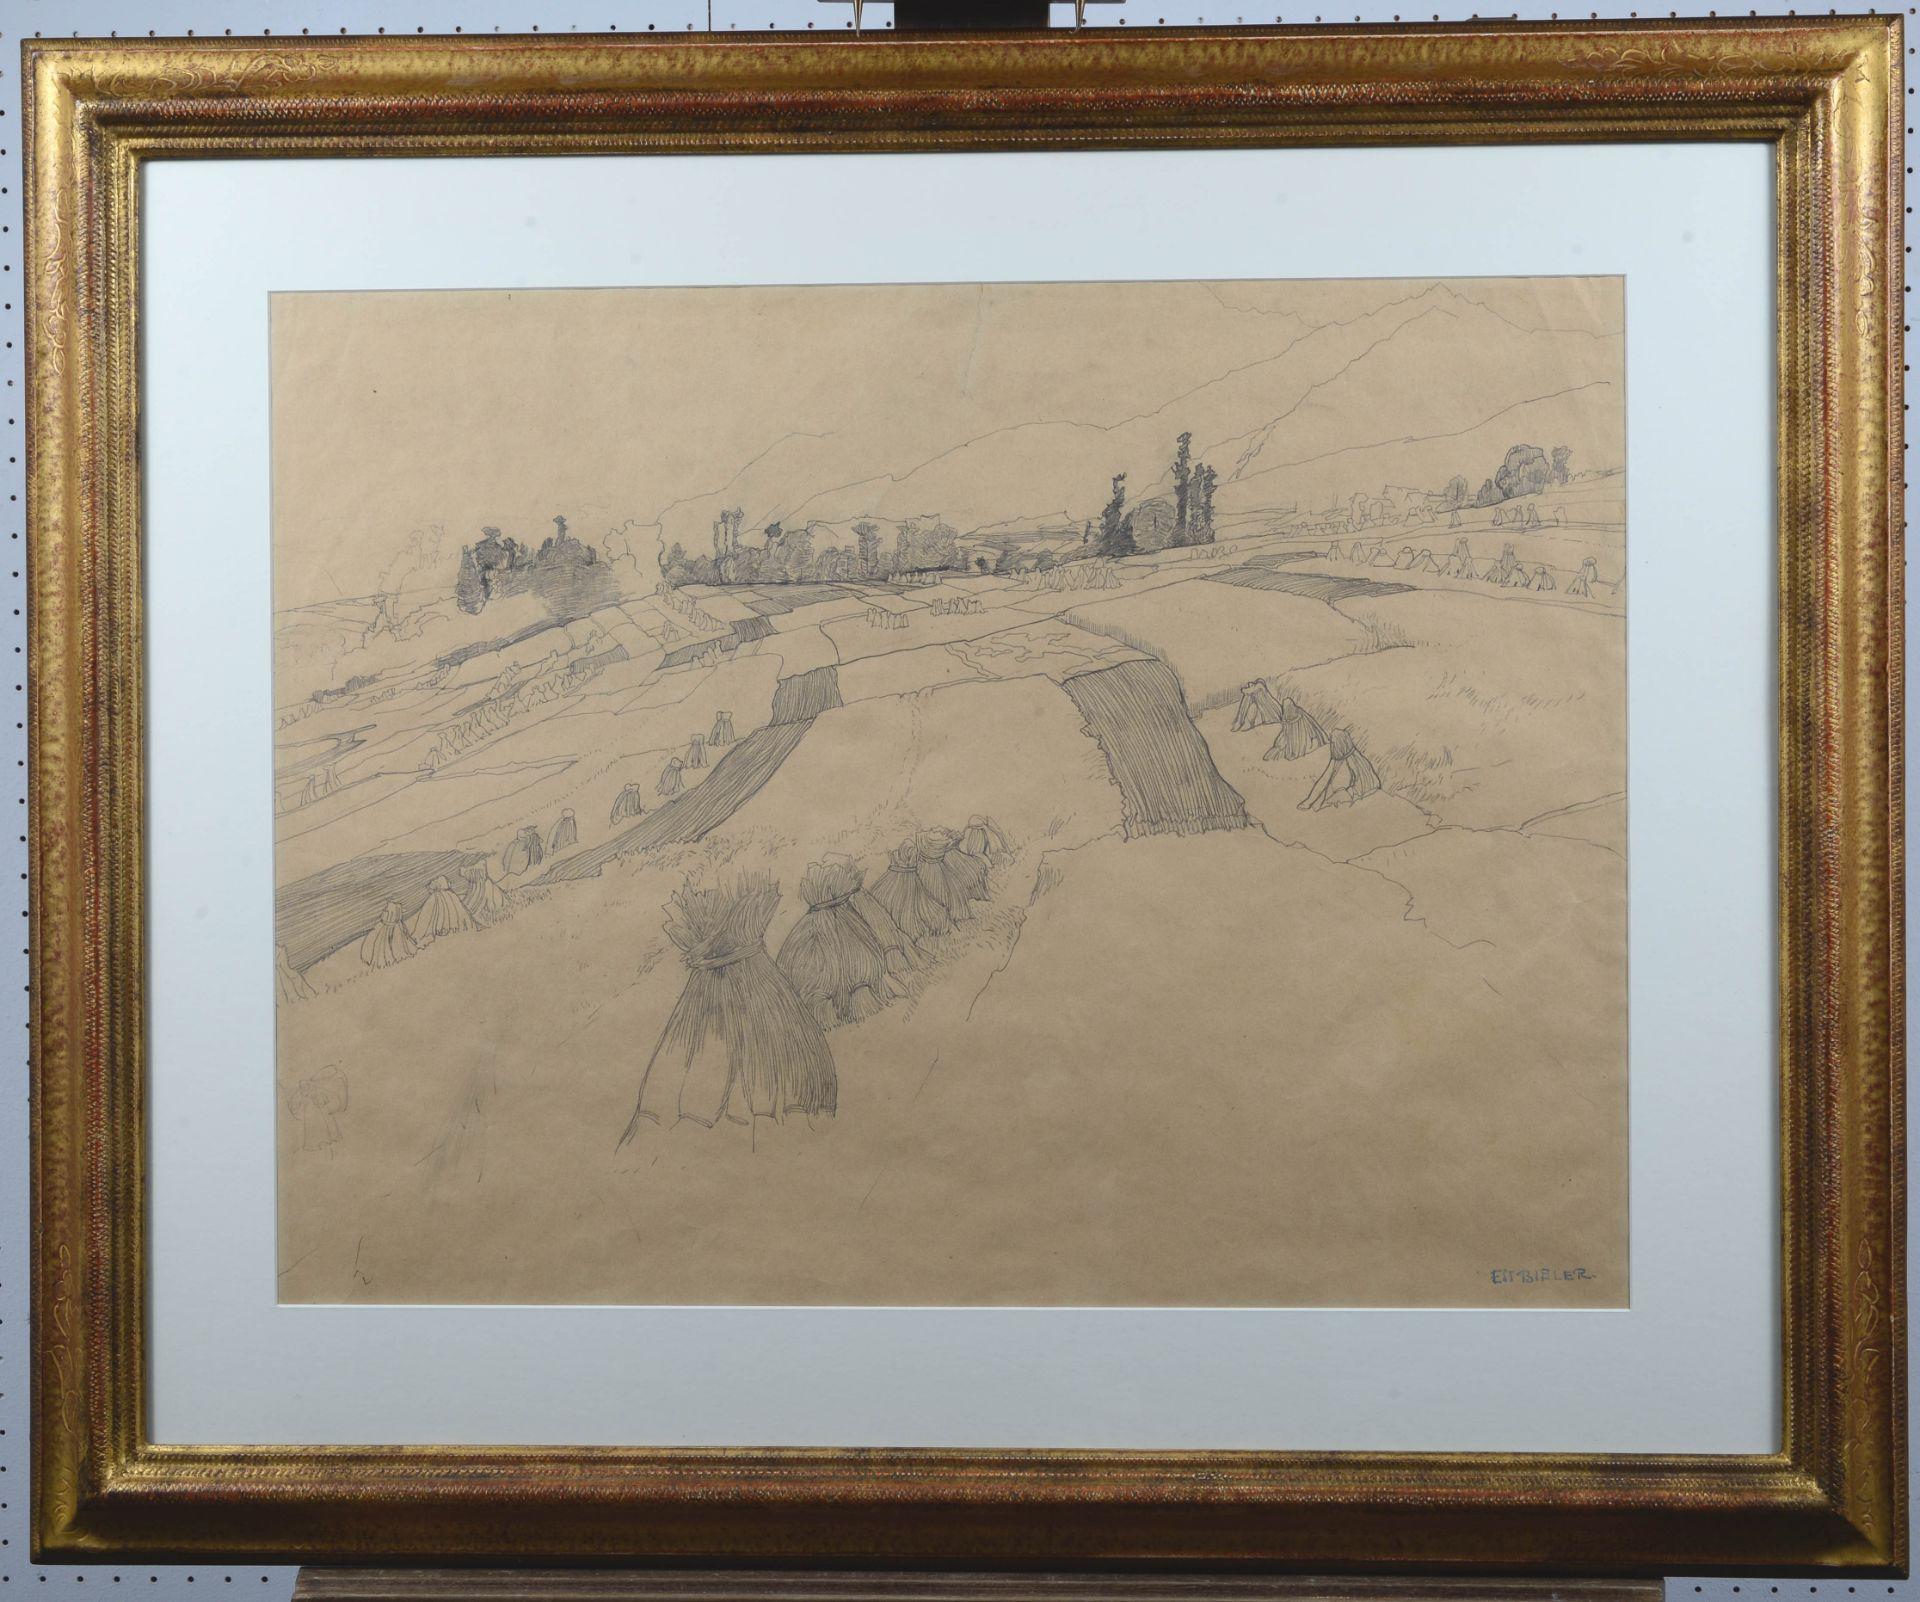 BIÉLER, ERNEST: Gerbes de blé. - Image 2 of 3